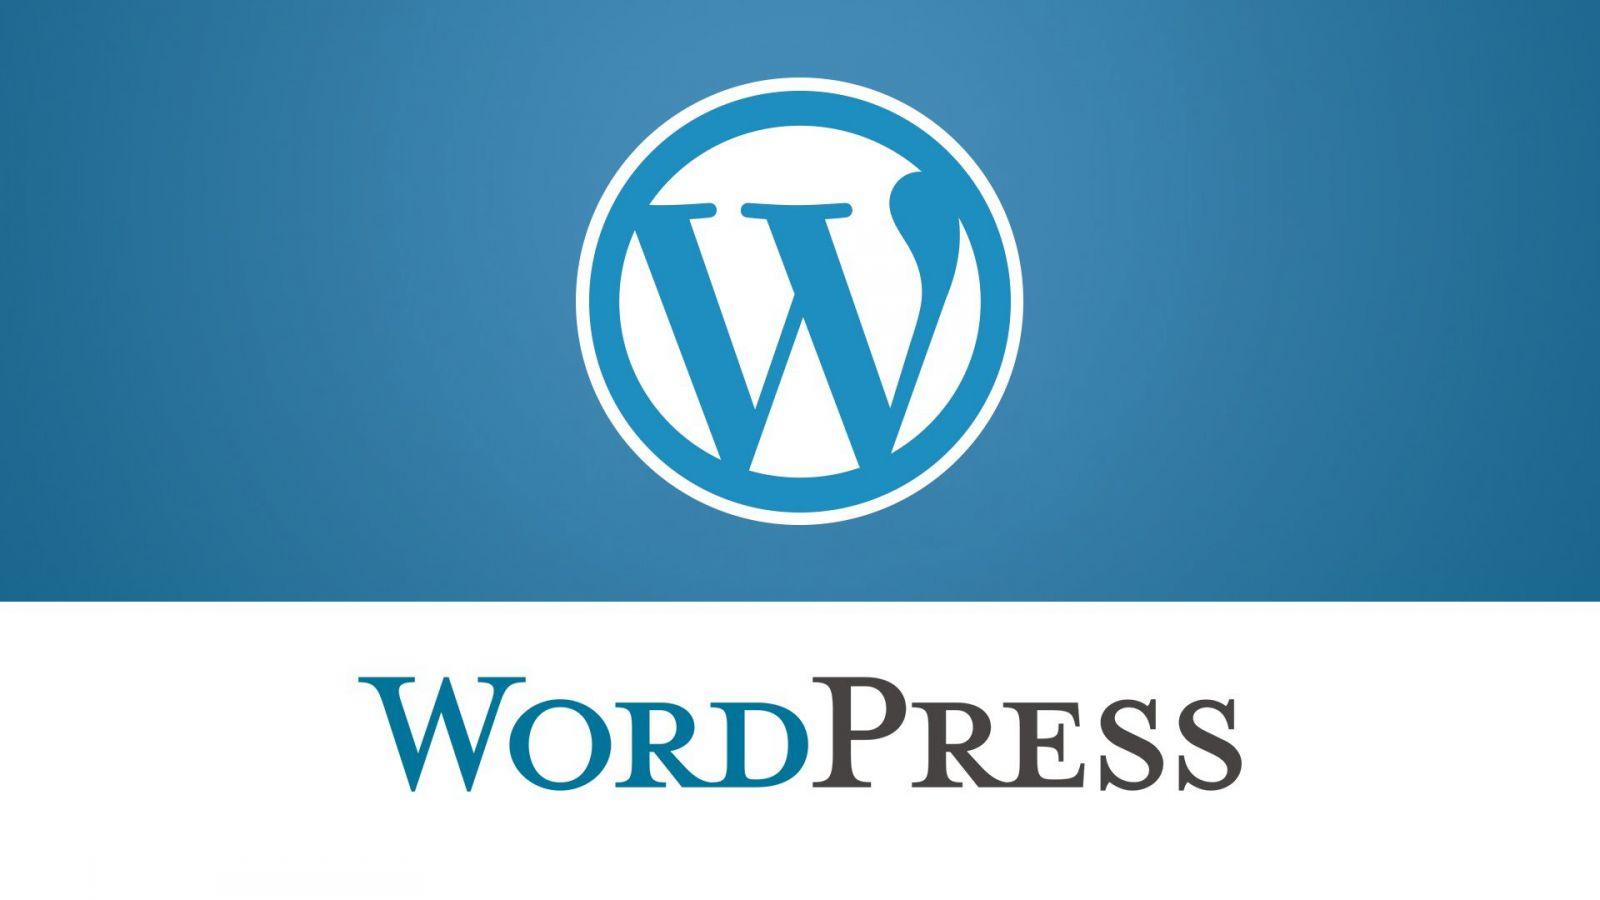 wordpress jpg